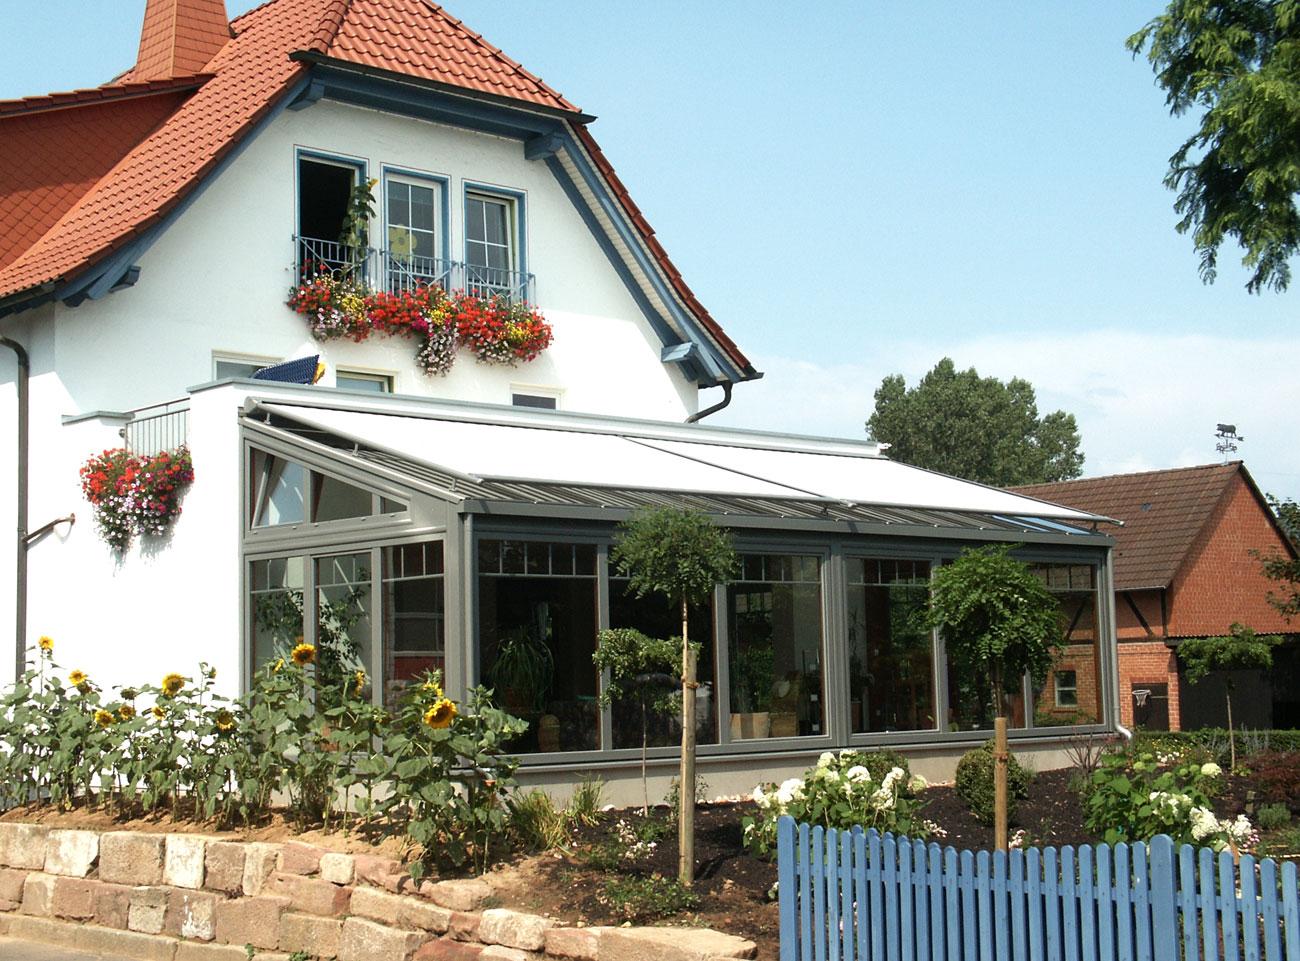 wintergartenbau hessen krenzer wohnwintergarten holz al. Black Bedroom Furniture Sets. Home Design Ideas